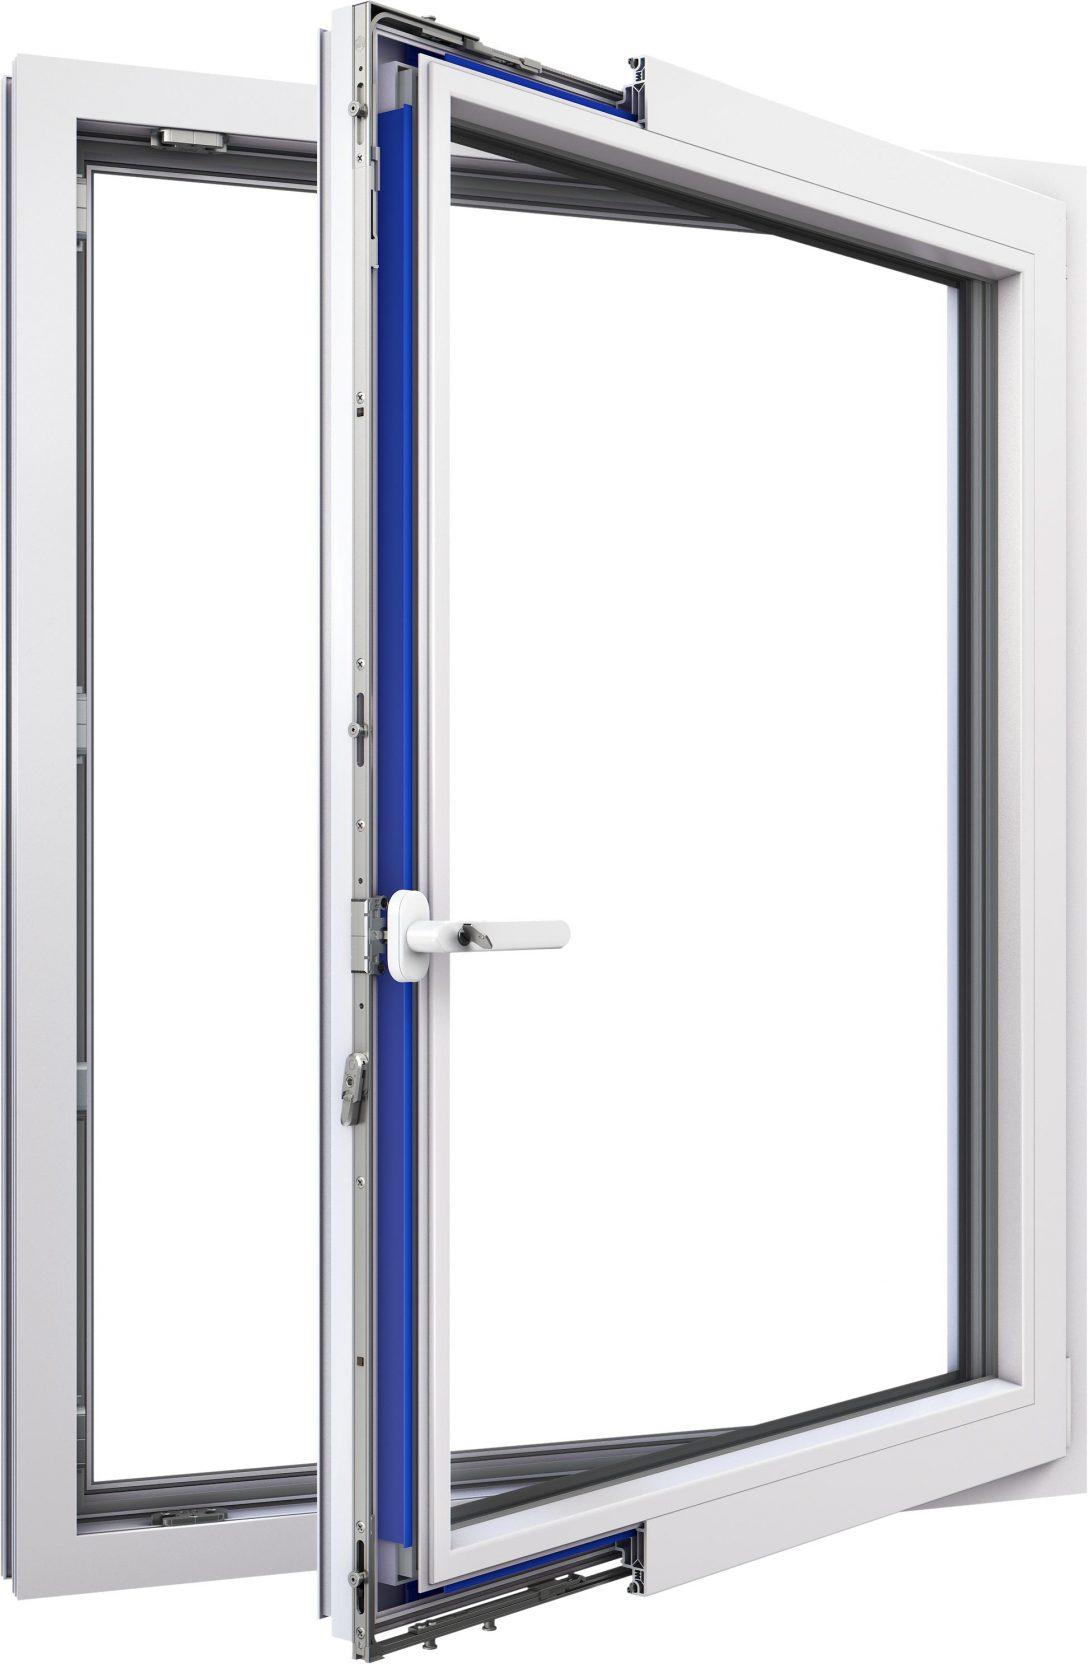 Large Size of Rc 2 Fenstergitter Fenster Definition Kosten Beschlag Ausstattung Preis Rc2 Fenstergriff Anforderungen Montage Test Mehr Und N Zertifizierte Fenstertren Von Fenster Rc 2 Fenster